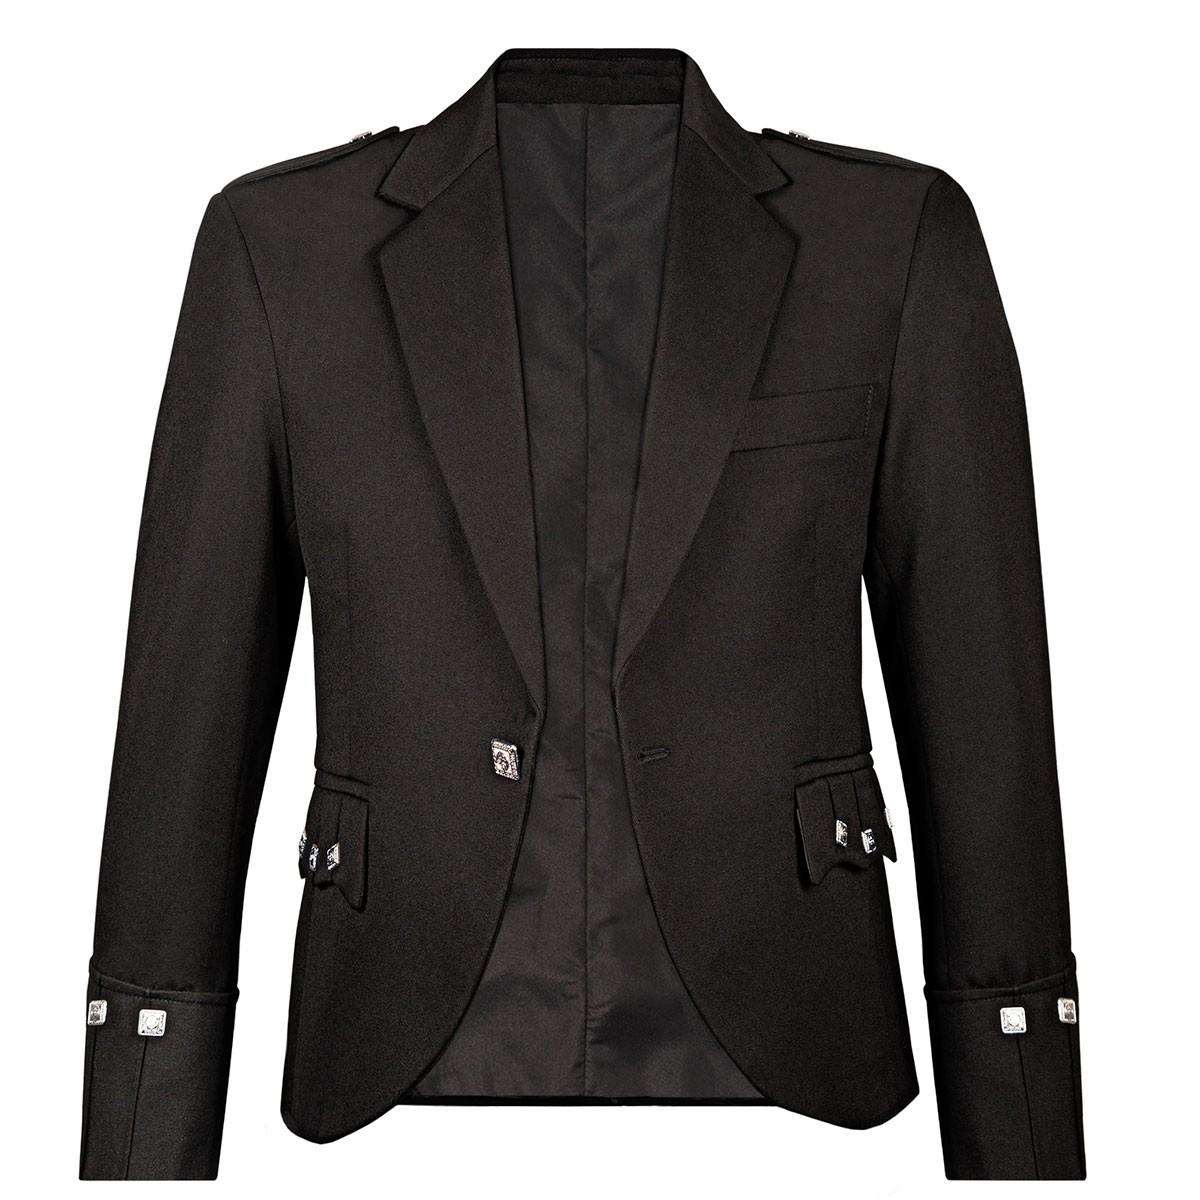 Doune Lightweight Fabric Argyll Kilt Jacket